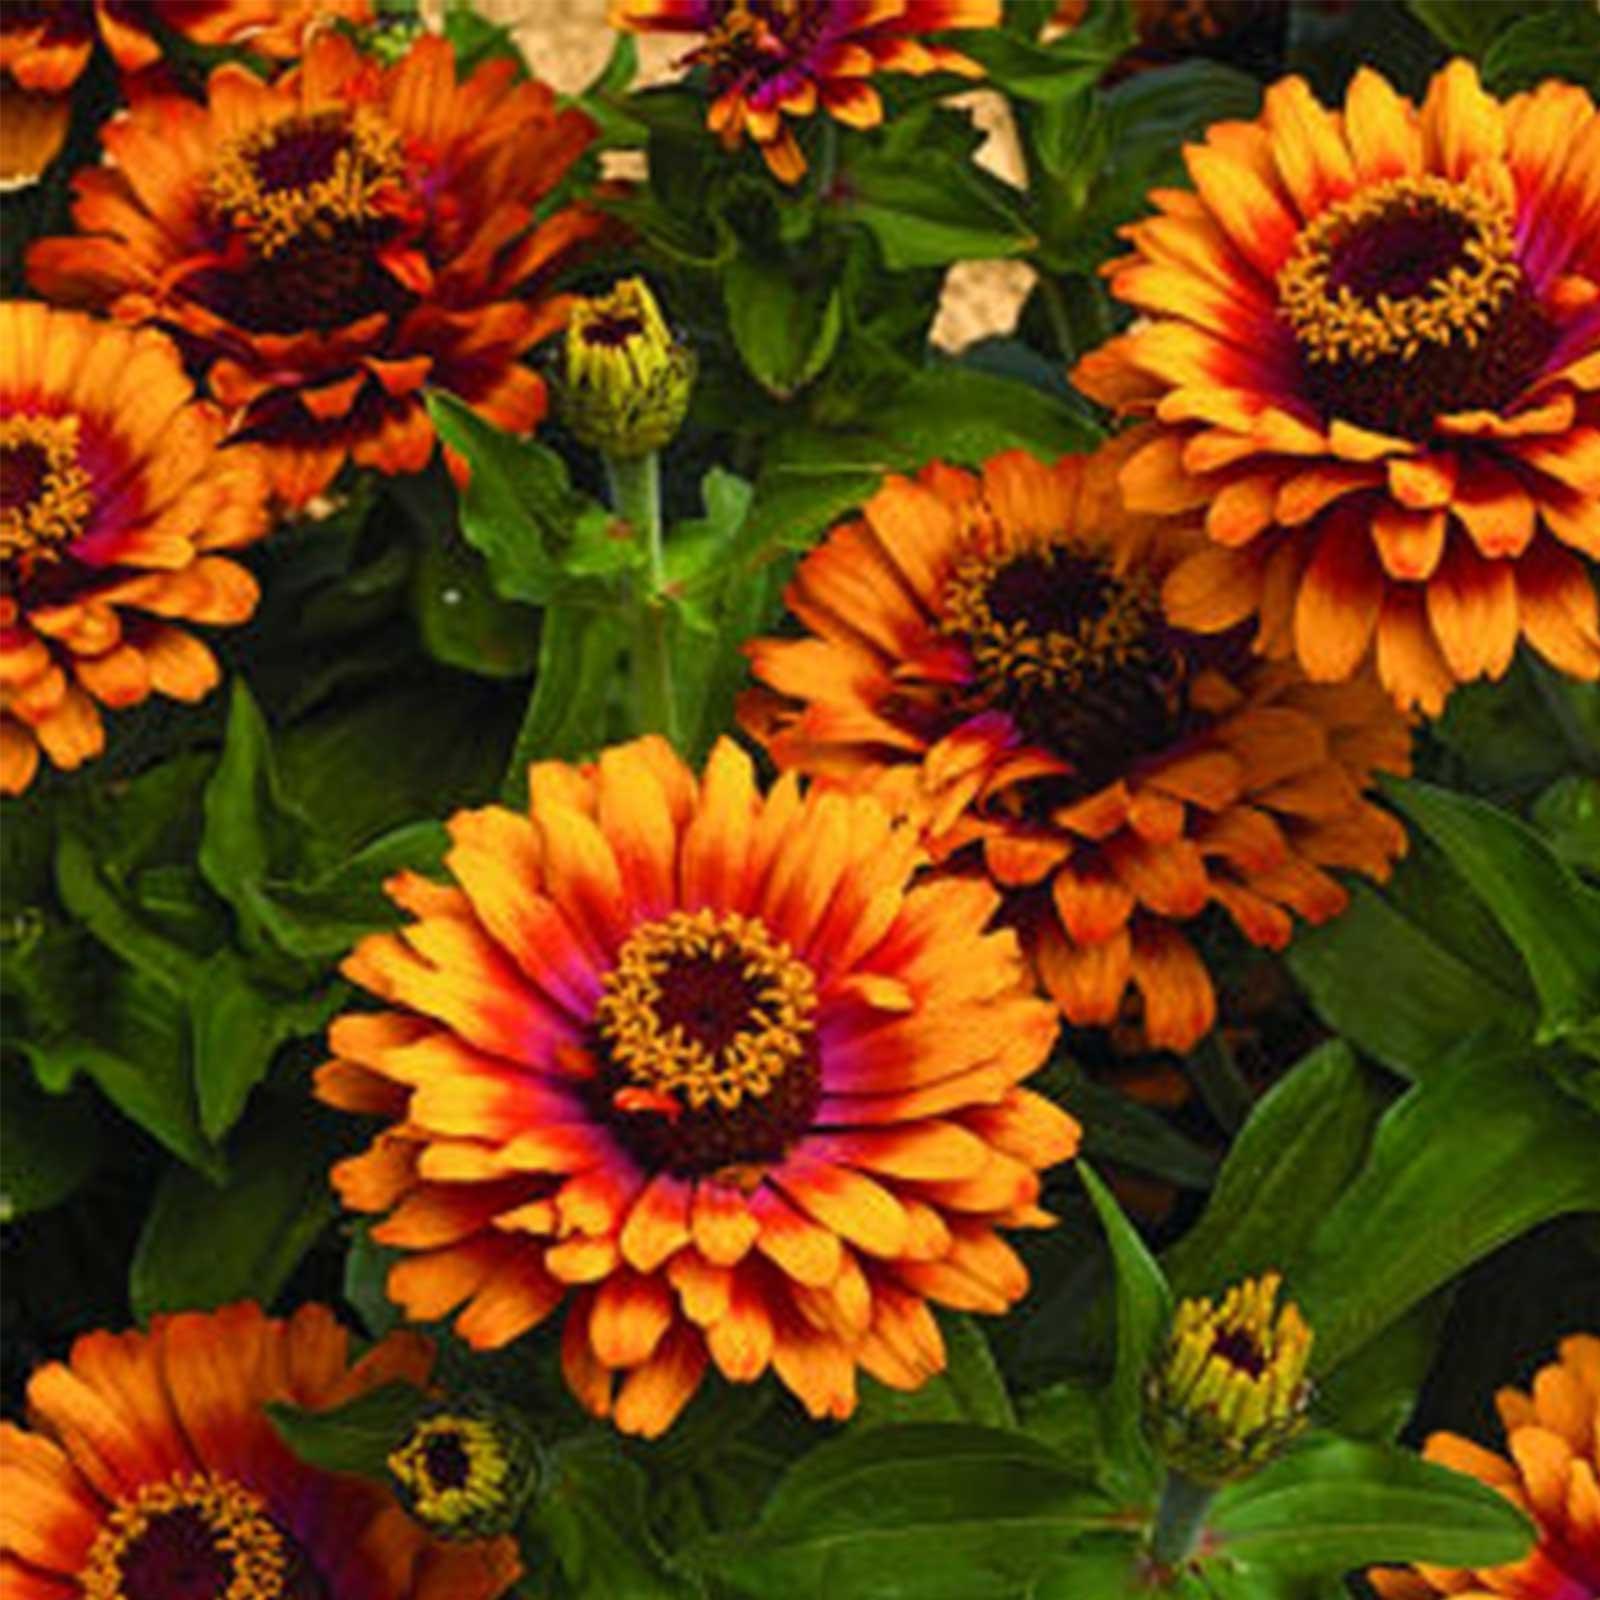 Zinnia Flower Garden Seeds Zowie Yellow Flame F1 100 Seeds